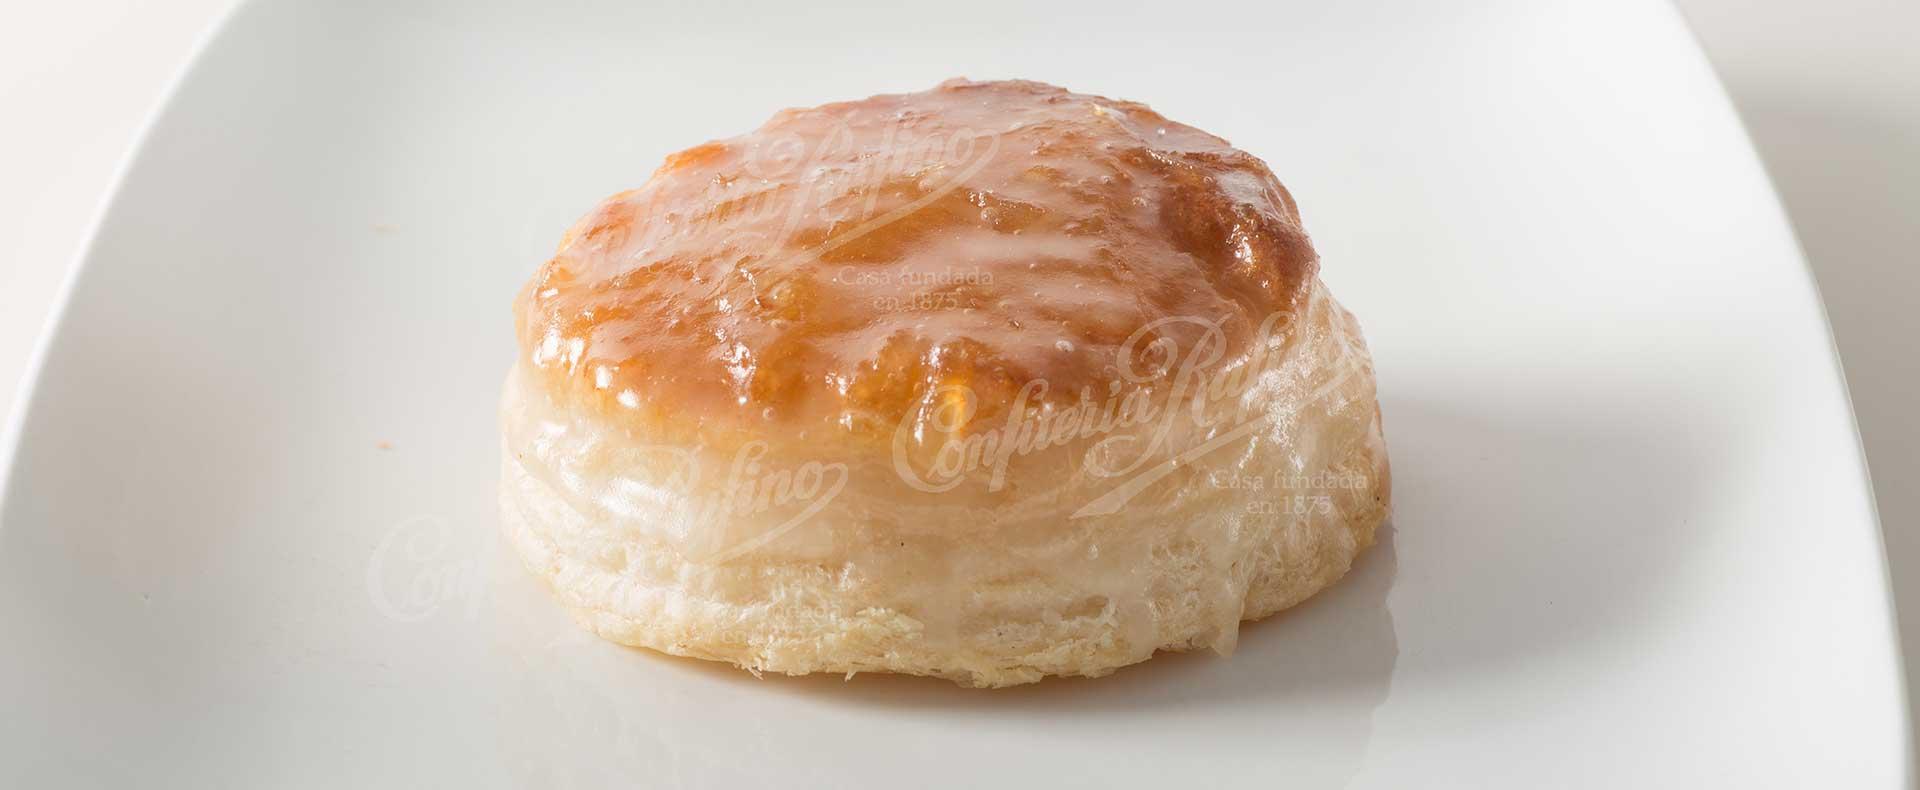 pastel-redondo-confiteria-rufino-aracena